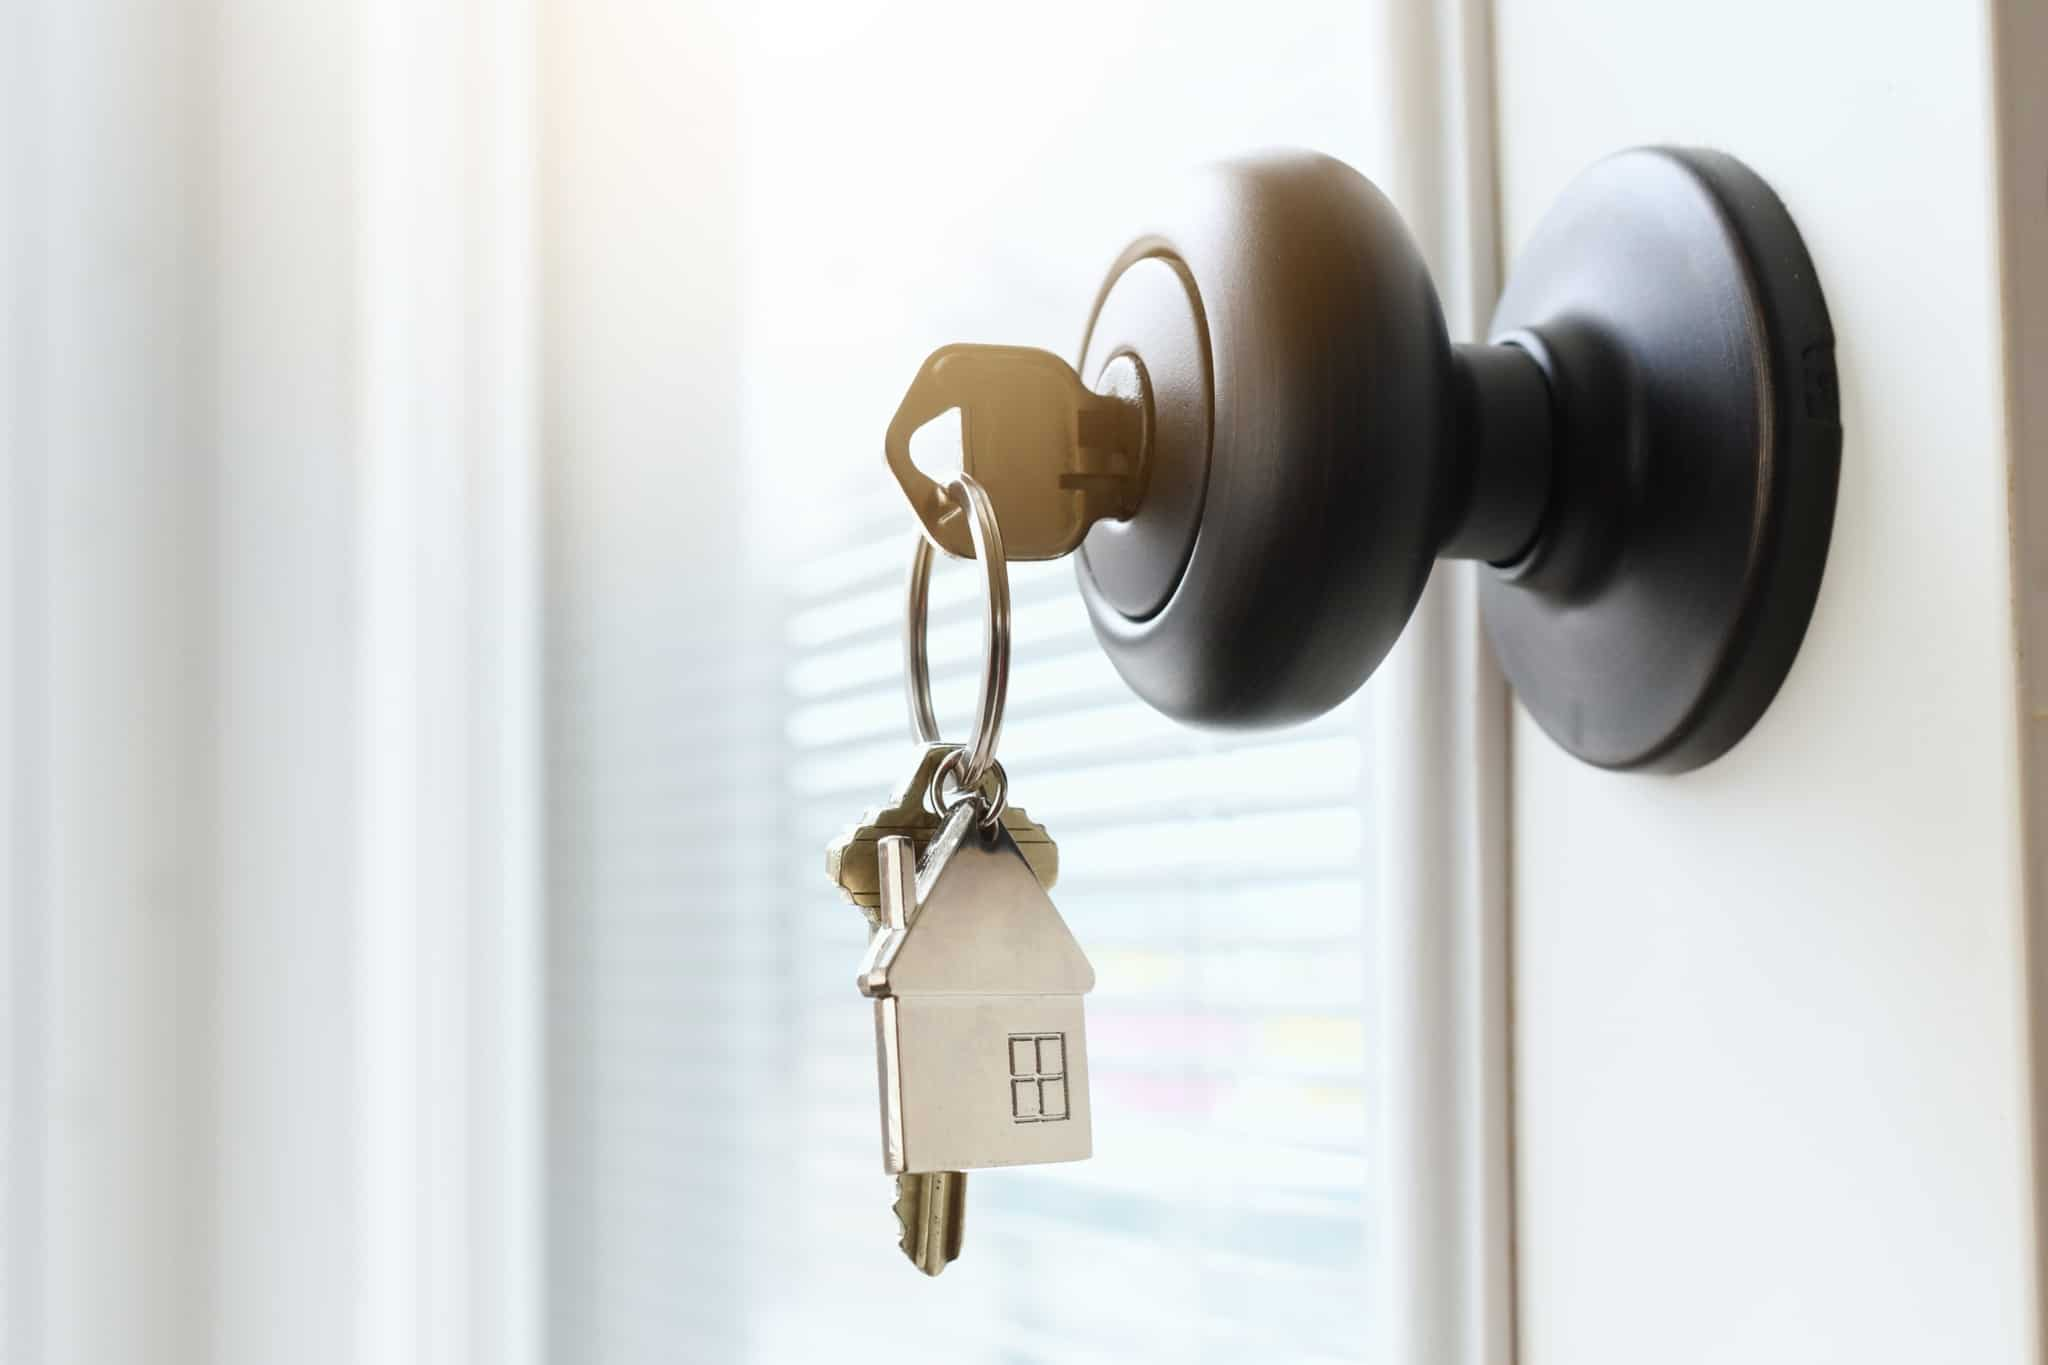 porta-chaves com uma casa em miniarura, pendurado com a cheve metida numa fechadura de uma porta branca.